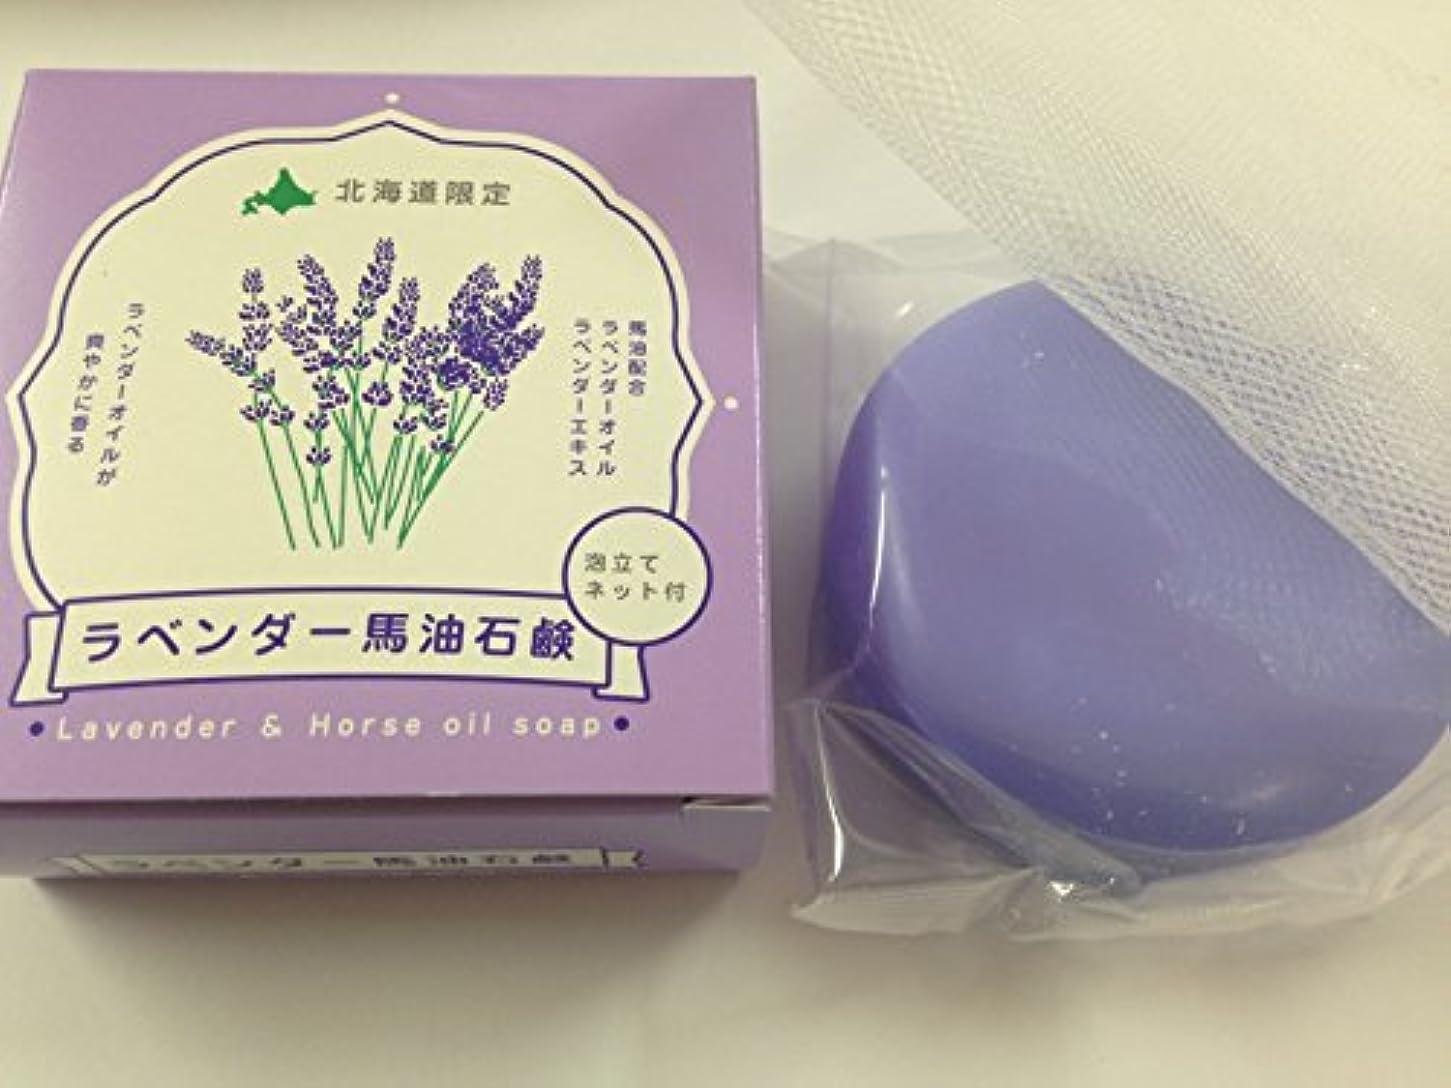 リラックス人柄鳴り響くラベンダー馬油石けん?泡立てネット付き 100g ?Lavender & Horse oil Soap